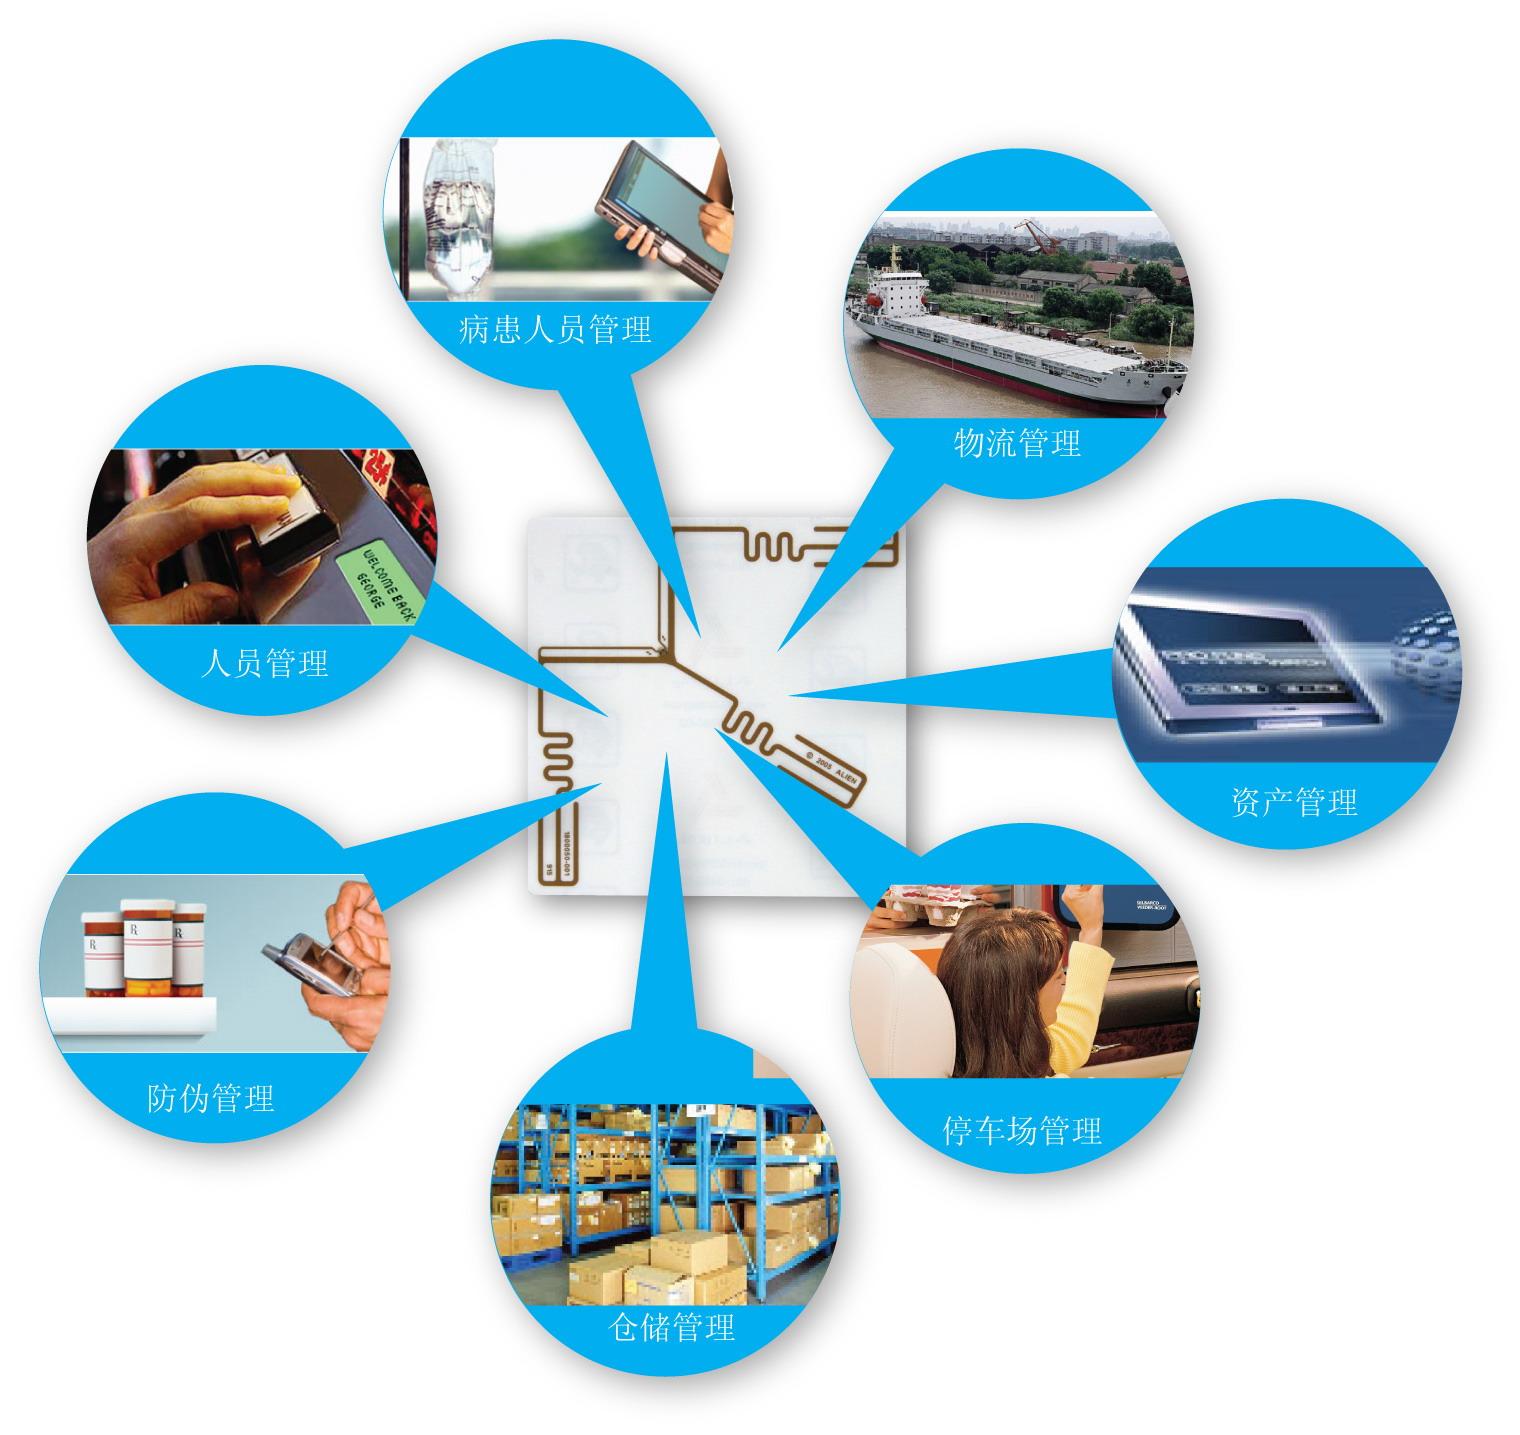 简要分析我国RFID技术未来几年内的主要发展趋势